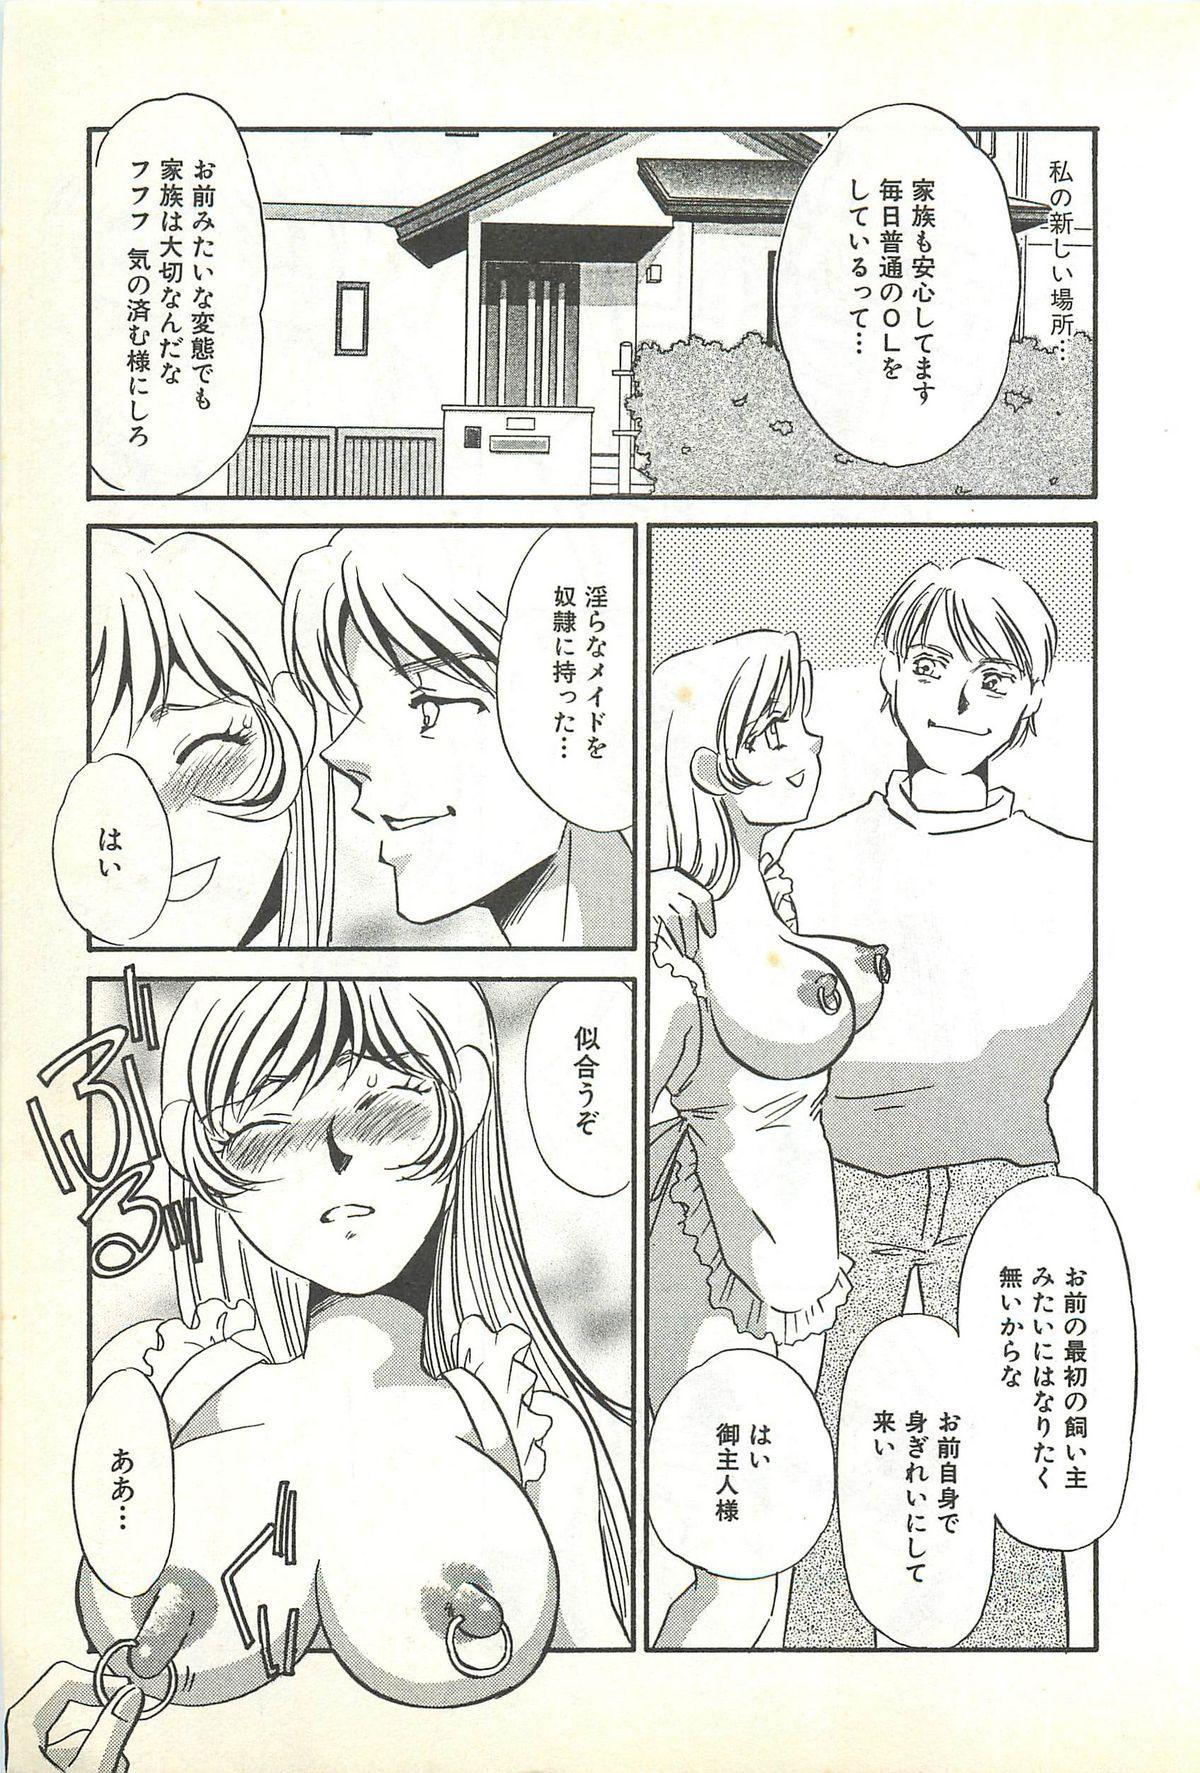 Chigyaku no Heya - A Shameful Punishment Room 158